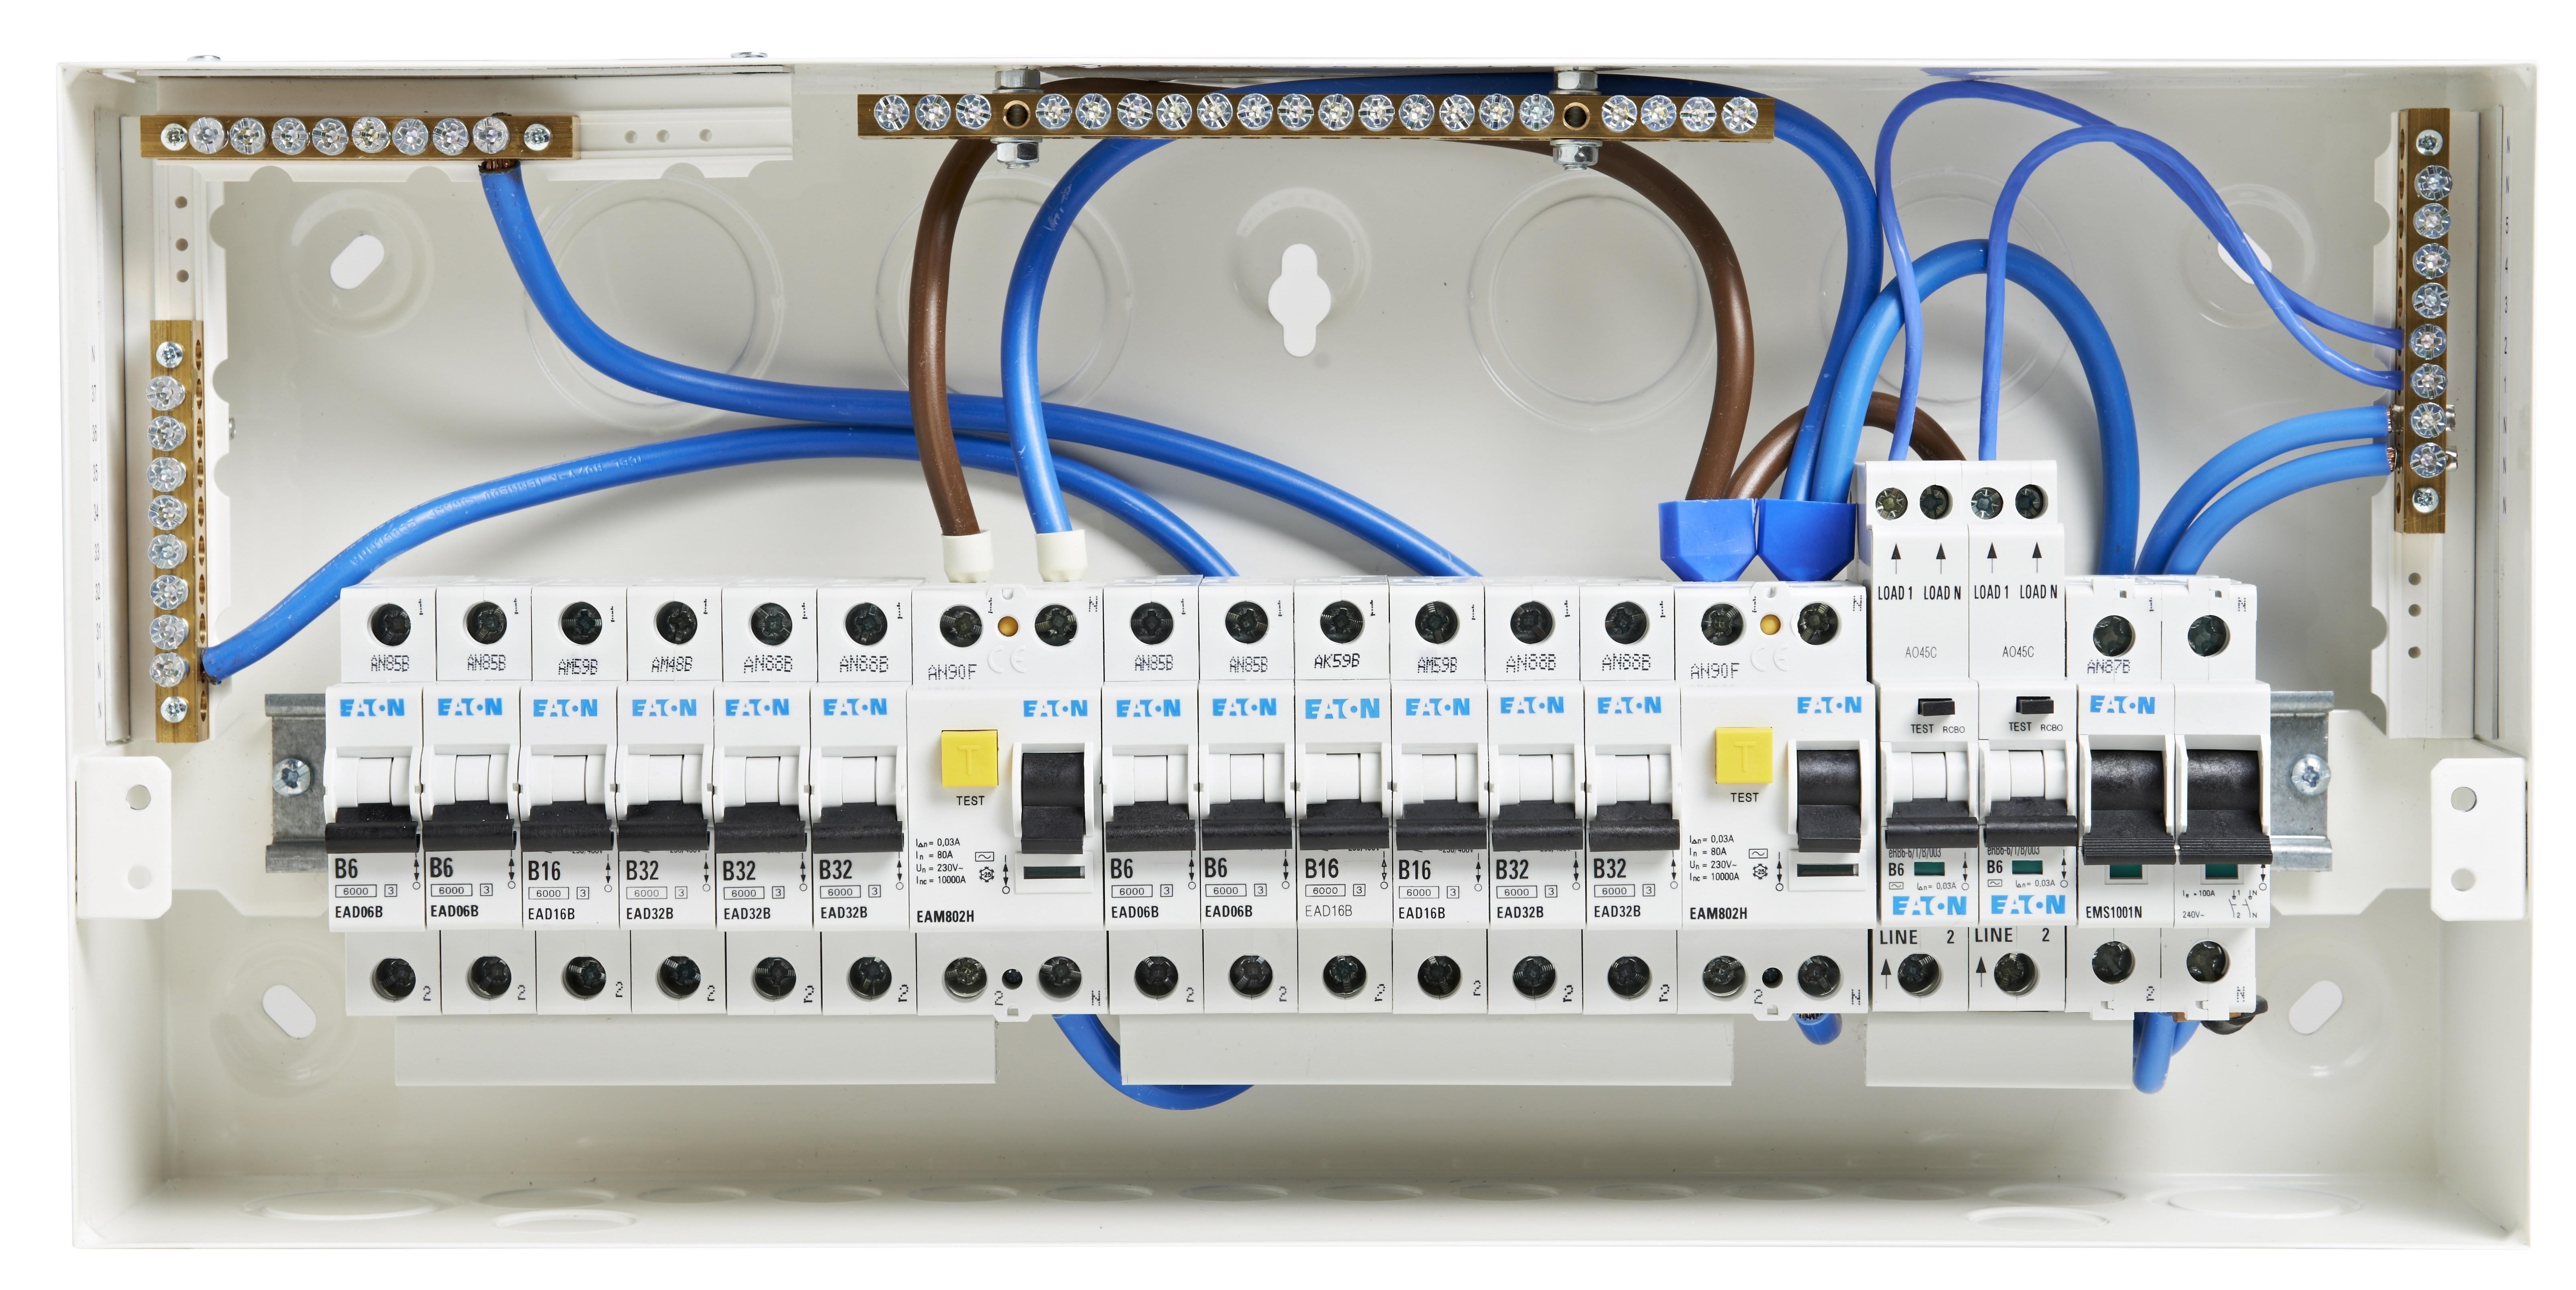 lap garage unit wiring diagram wiring diagram completed lap garage unit wiring diagram